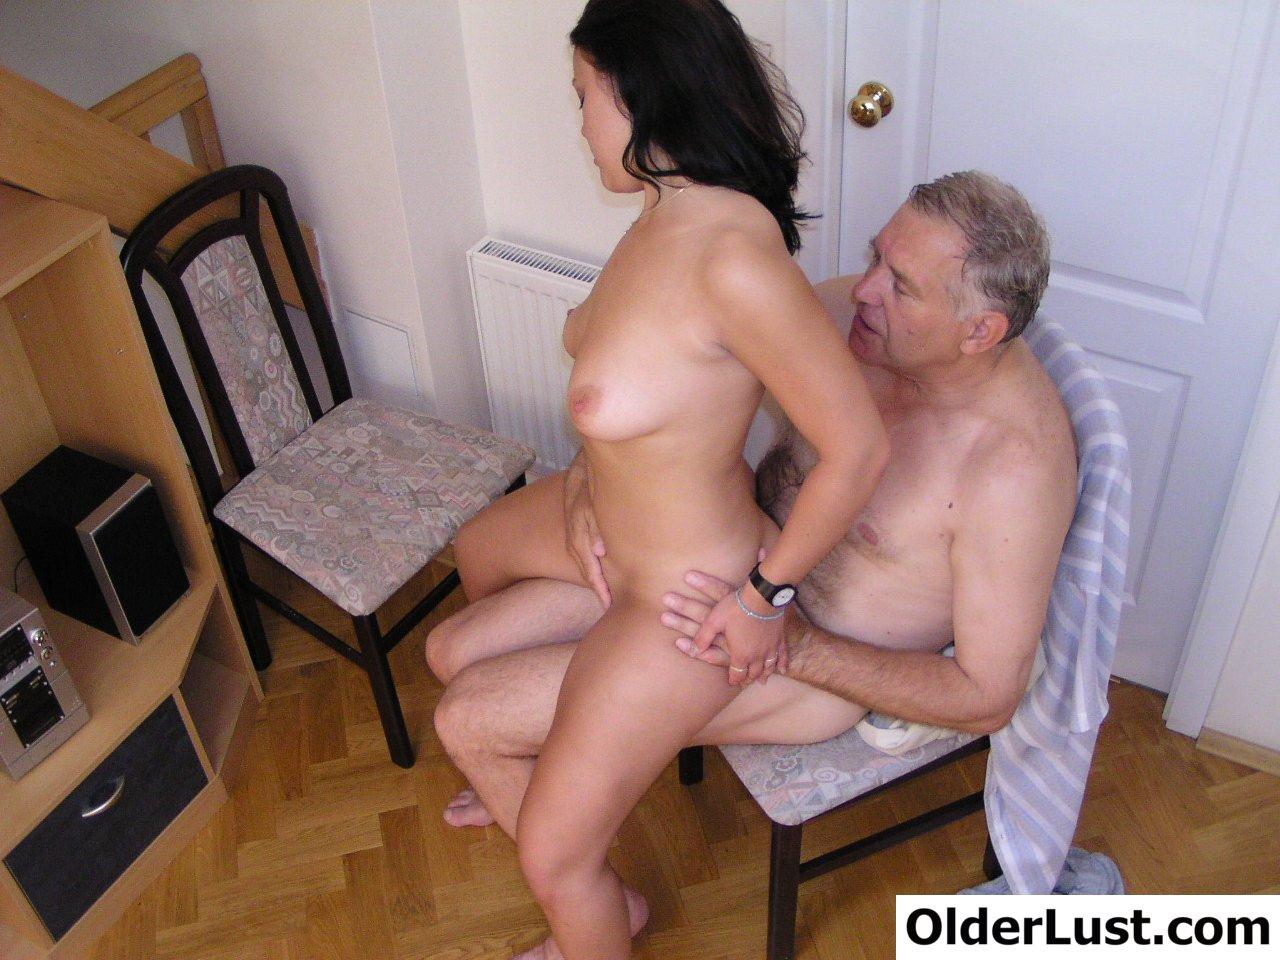 Секс тбрата с сестрой и отца с матерью или отца с дочерьюи мать с сыном